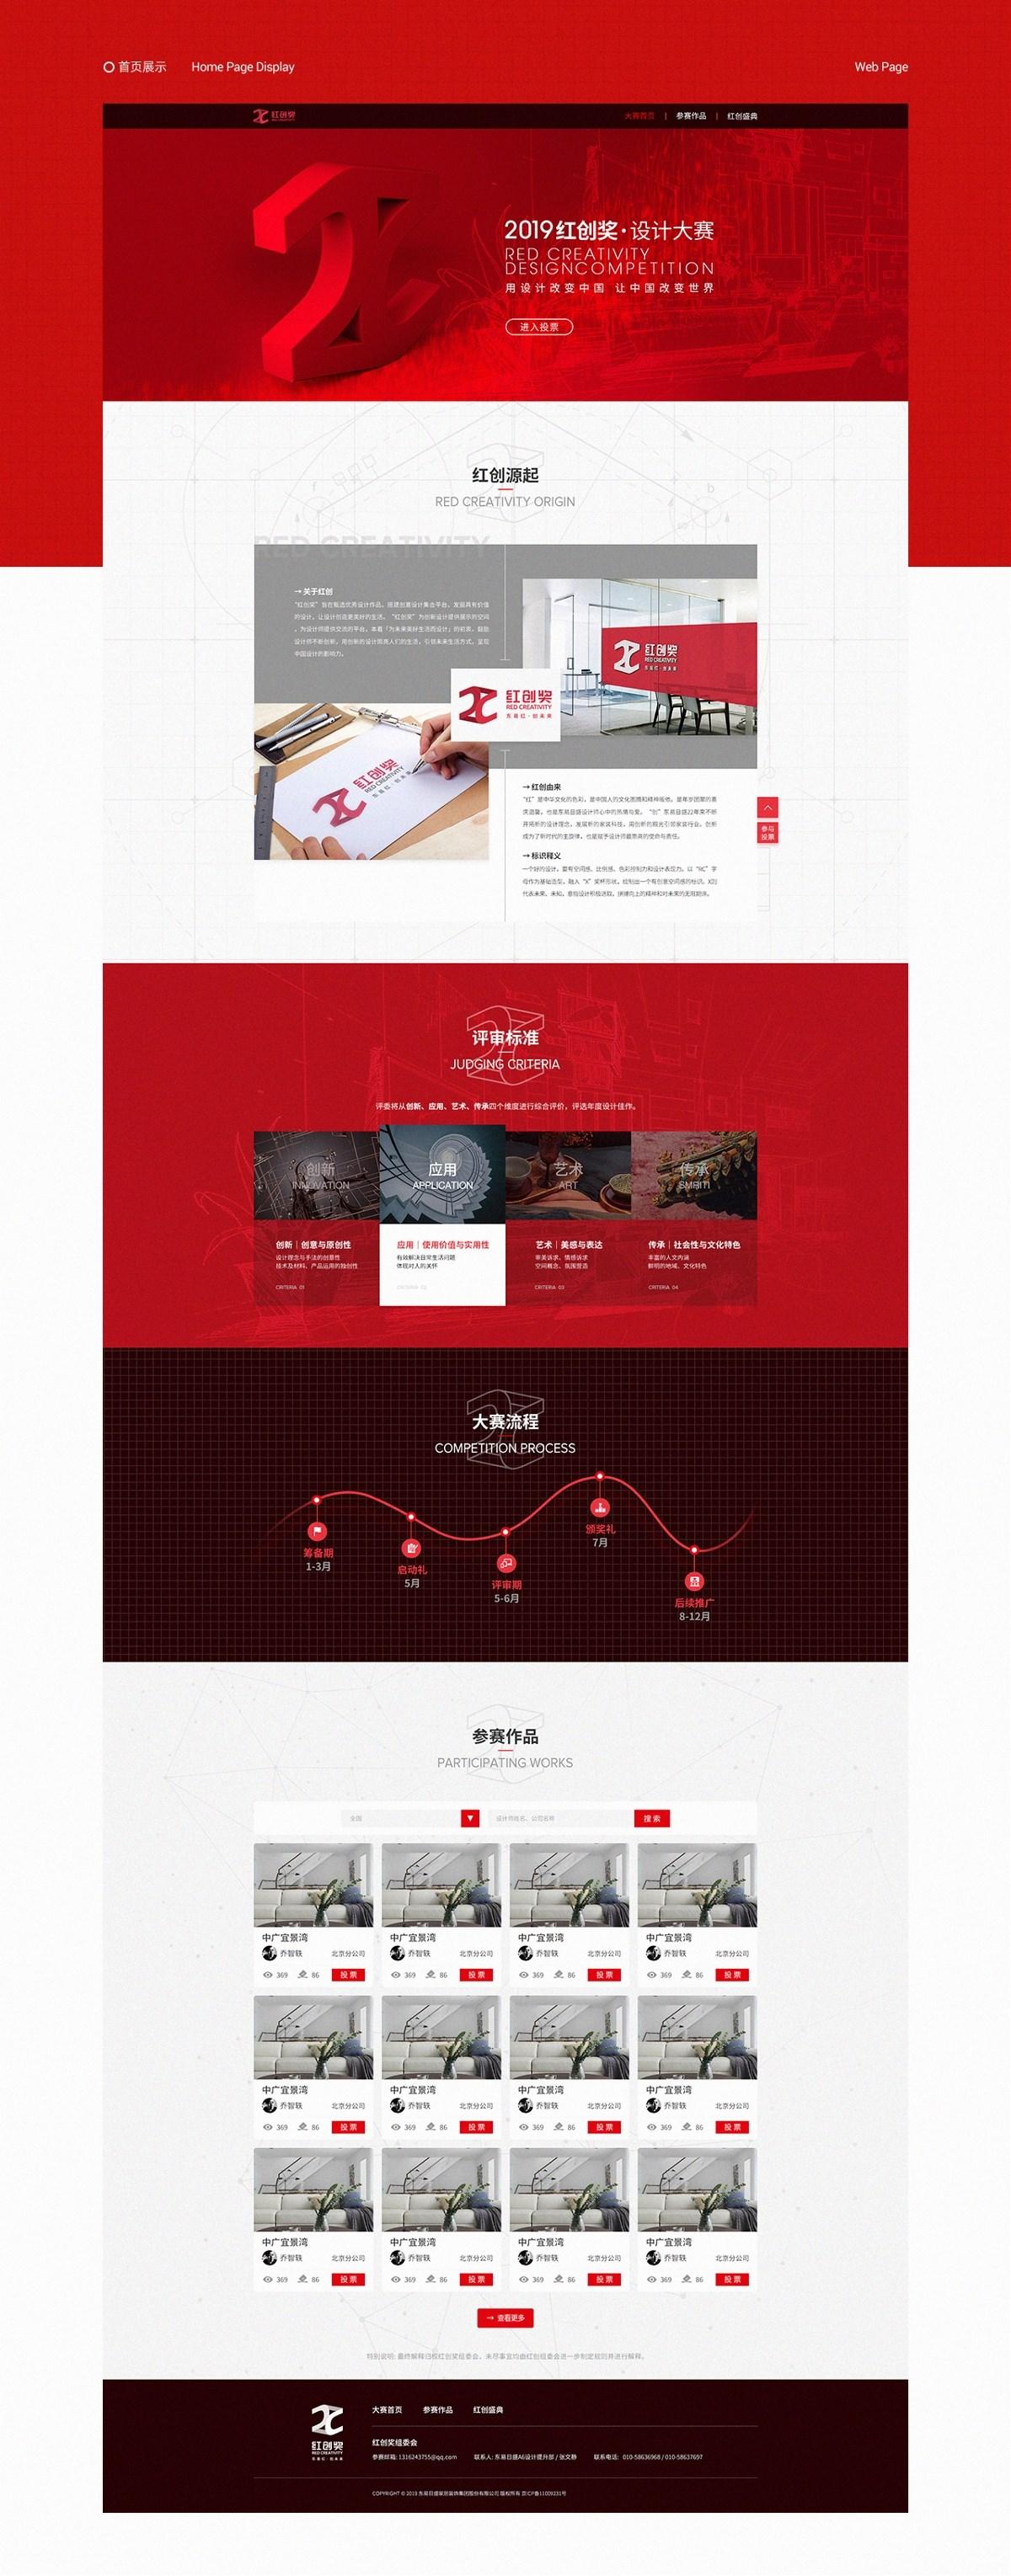 【Ah design】- 大赛投票官网设计